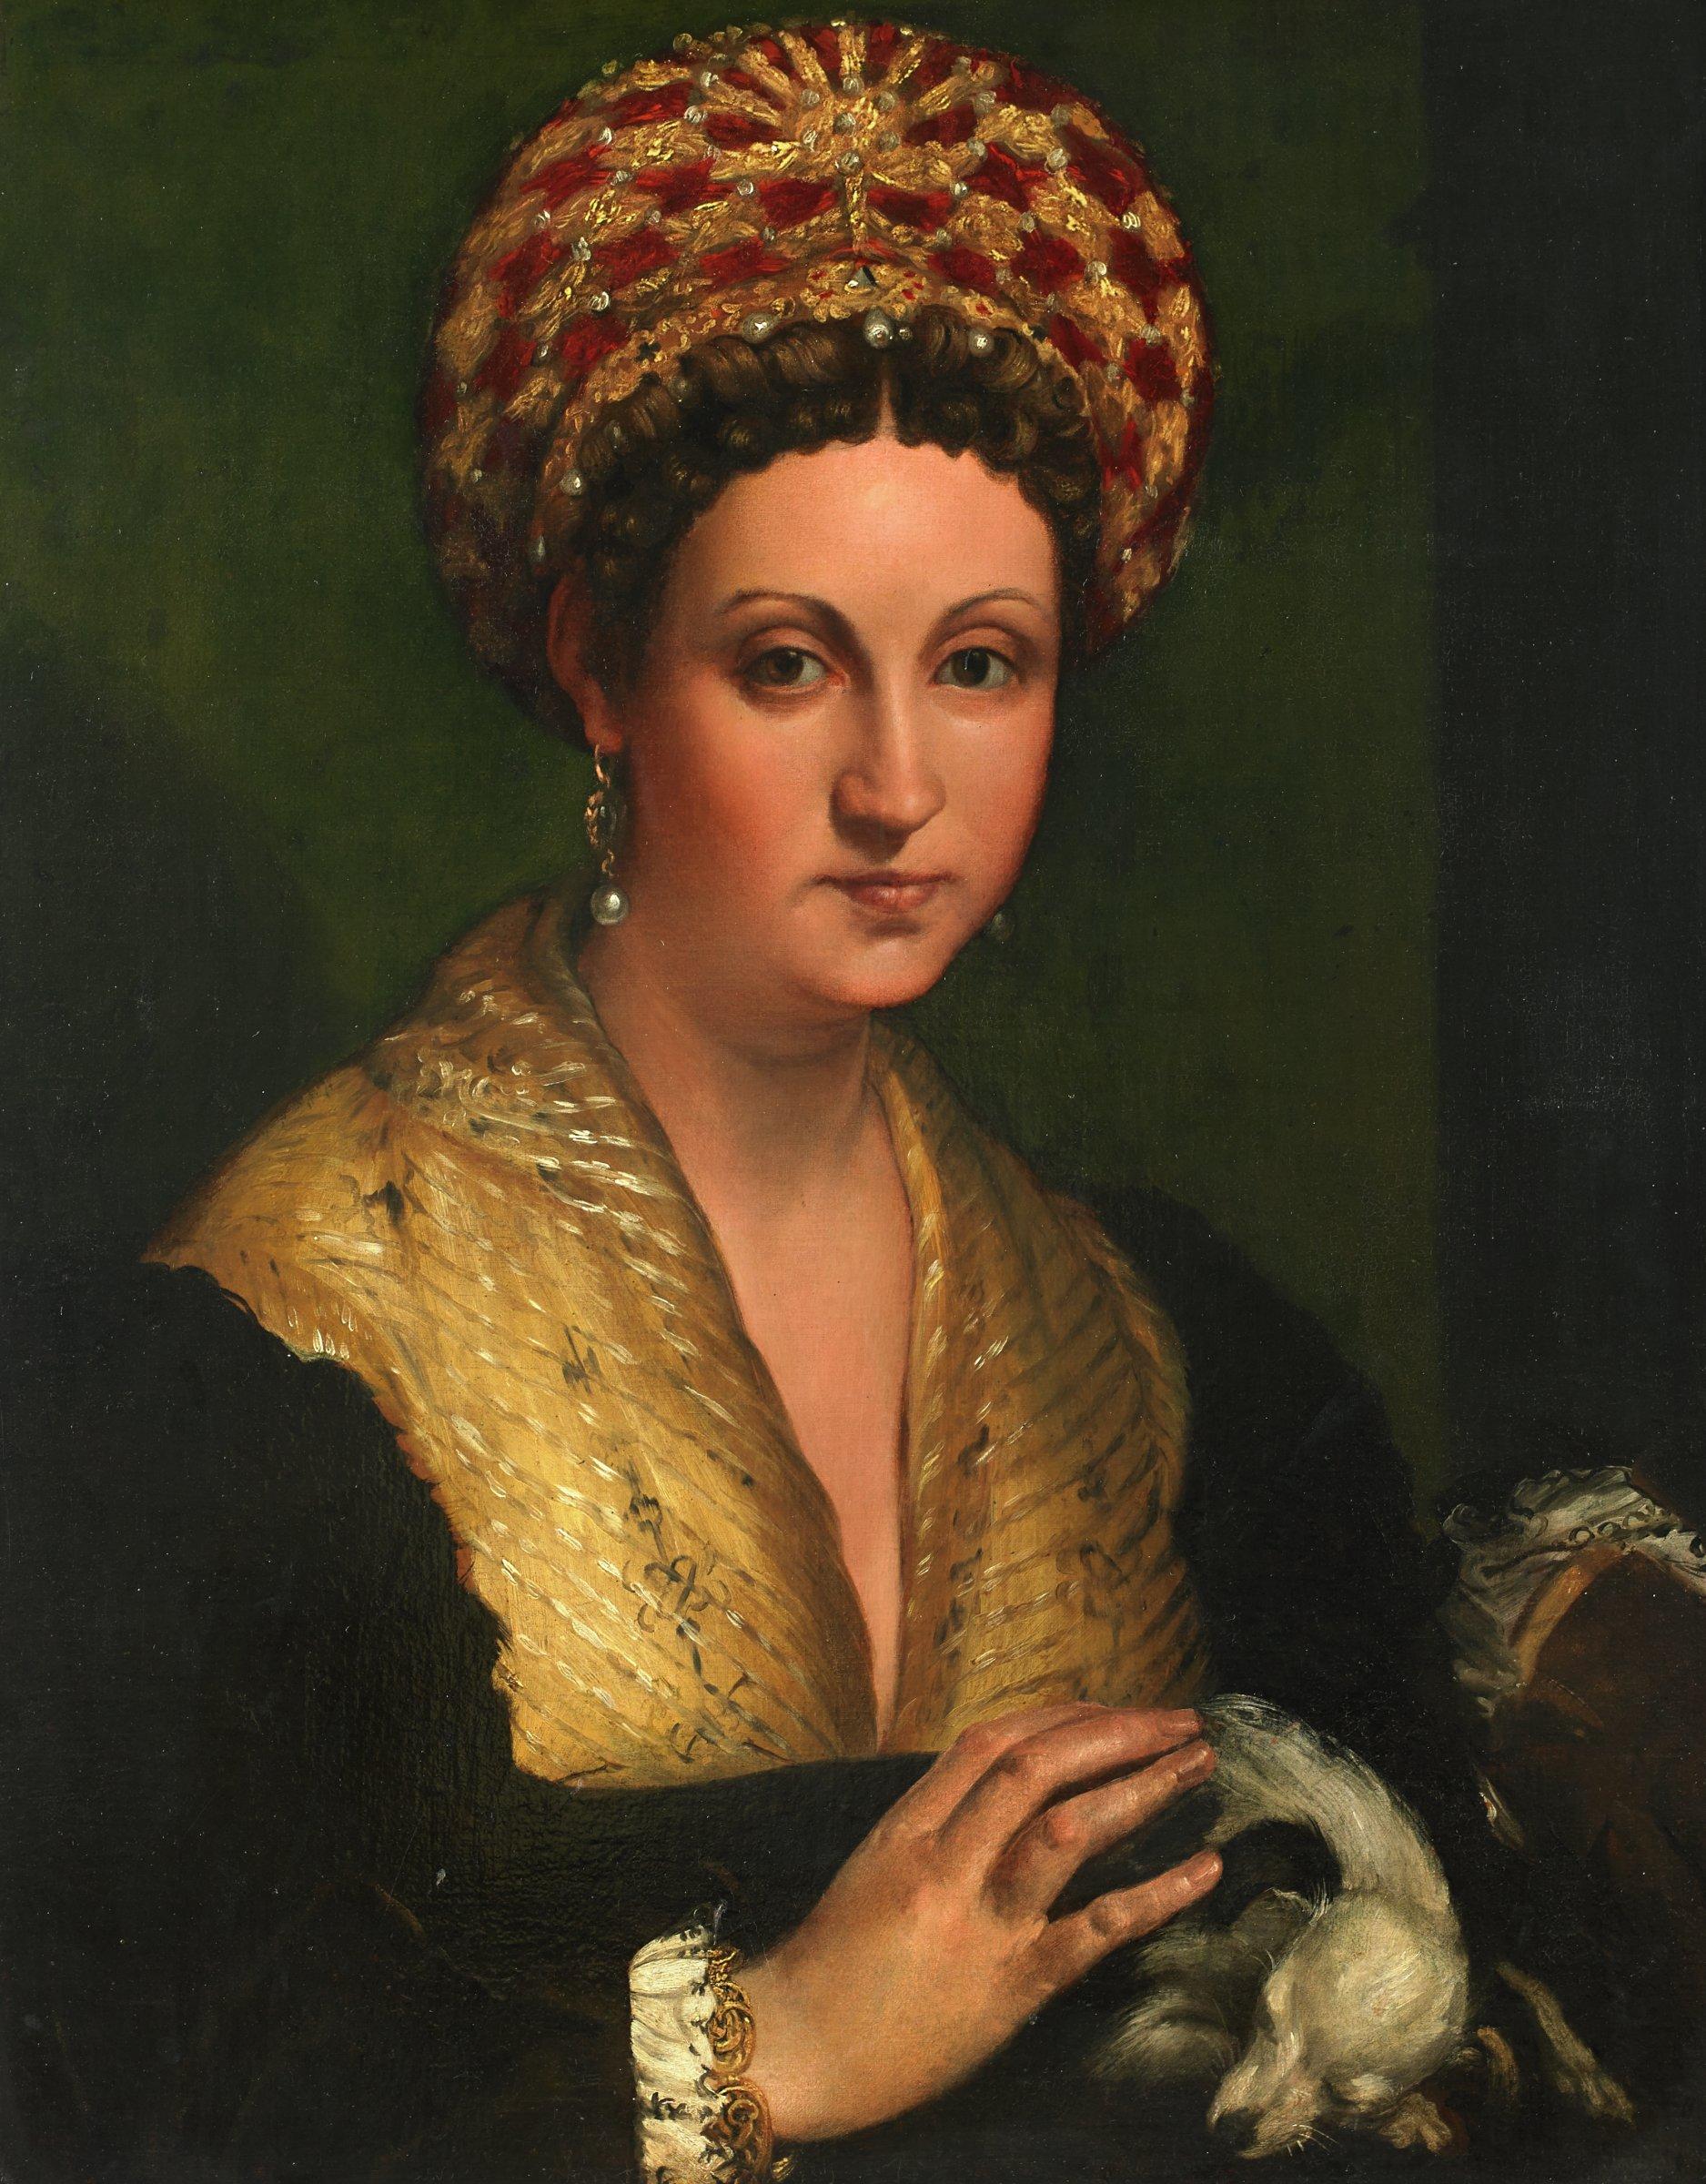 Portrait of a Lady, Callisto Piazza da Lodi, oil on panel